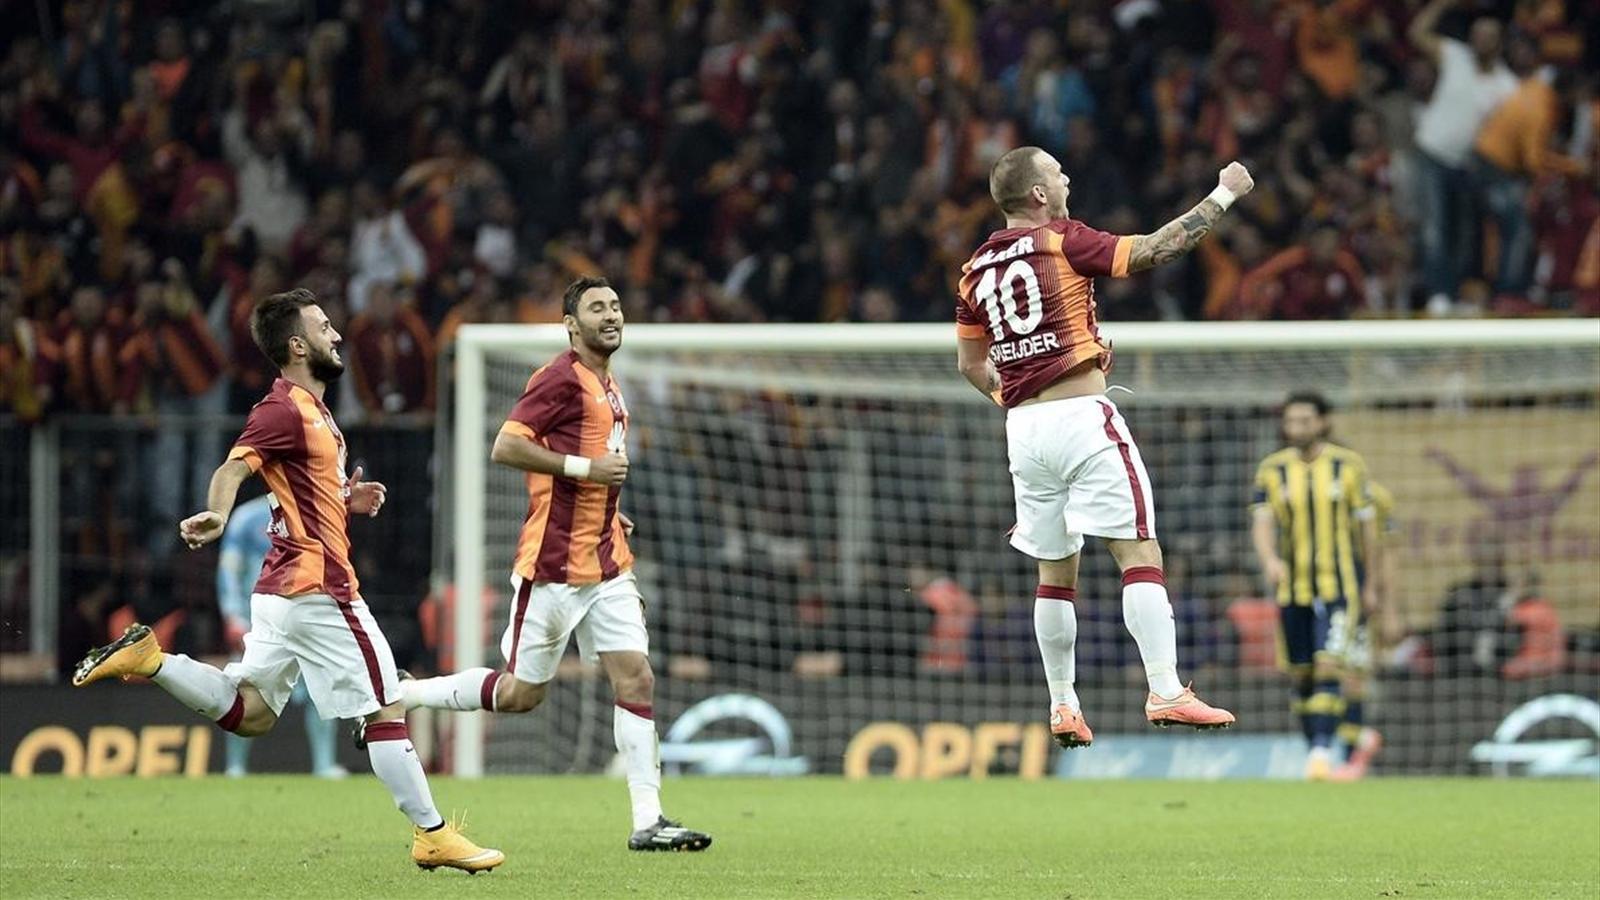 Video: Galatasaray vs Fenerbahce